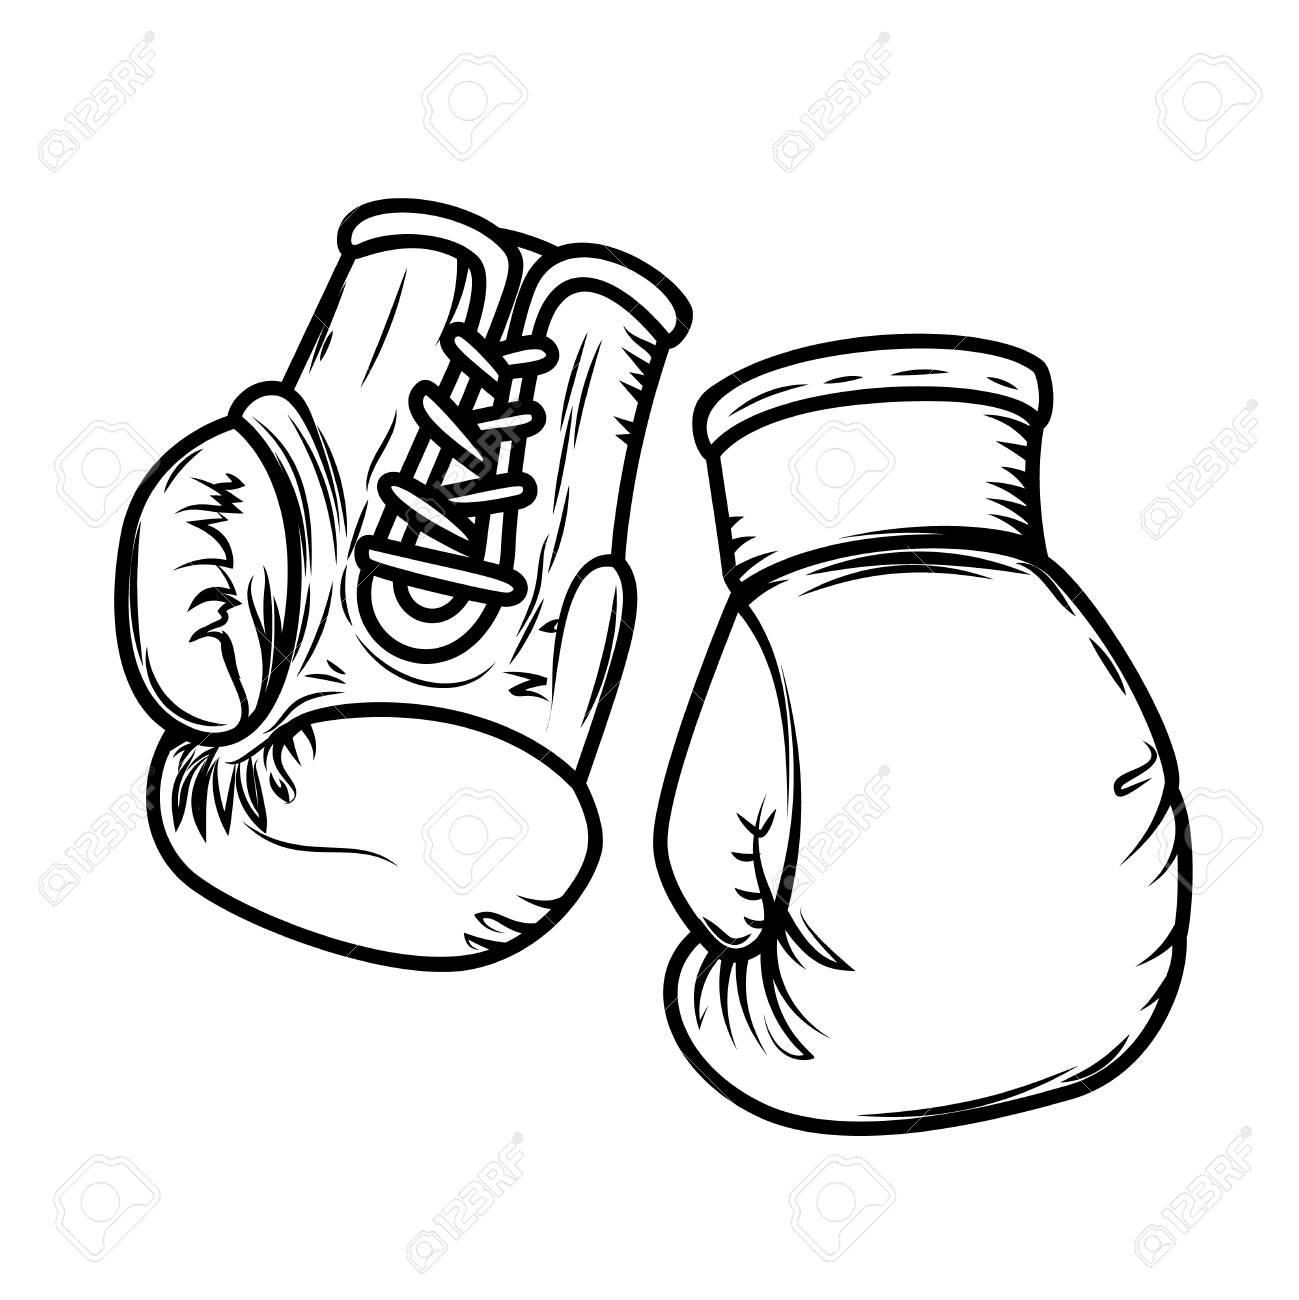 Illustration of boxing gloves. Design elements for logo, label,...